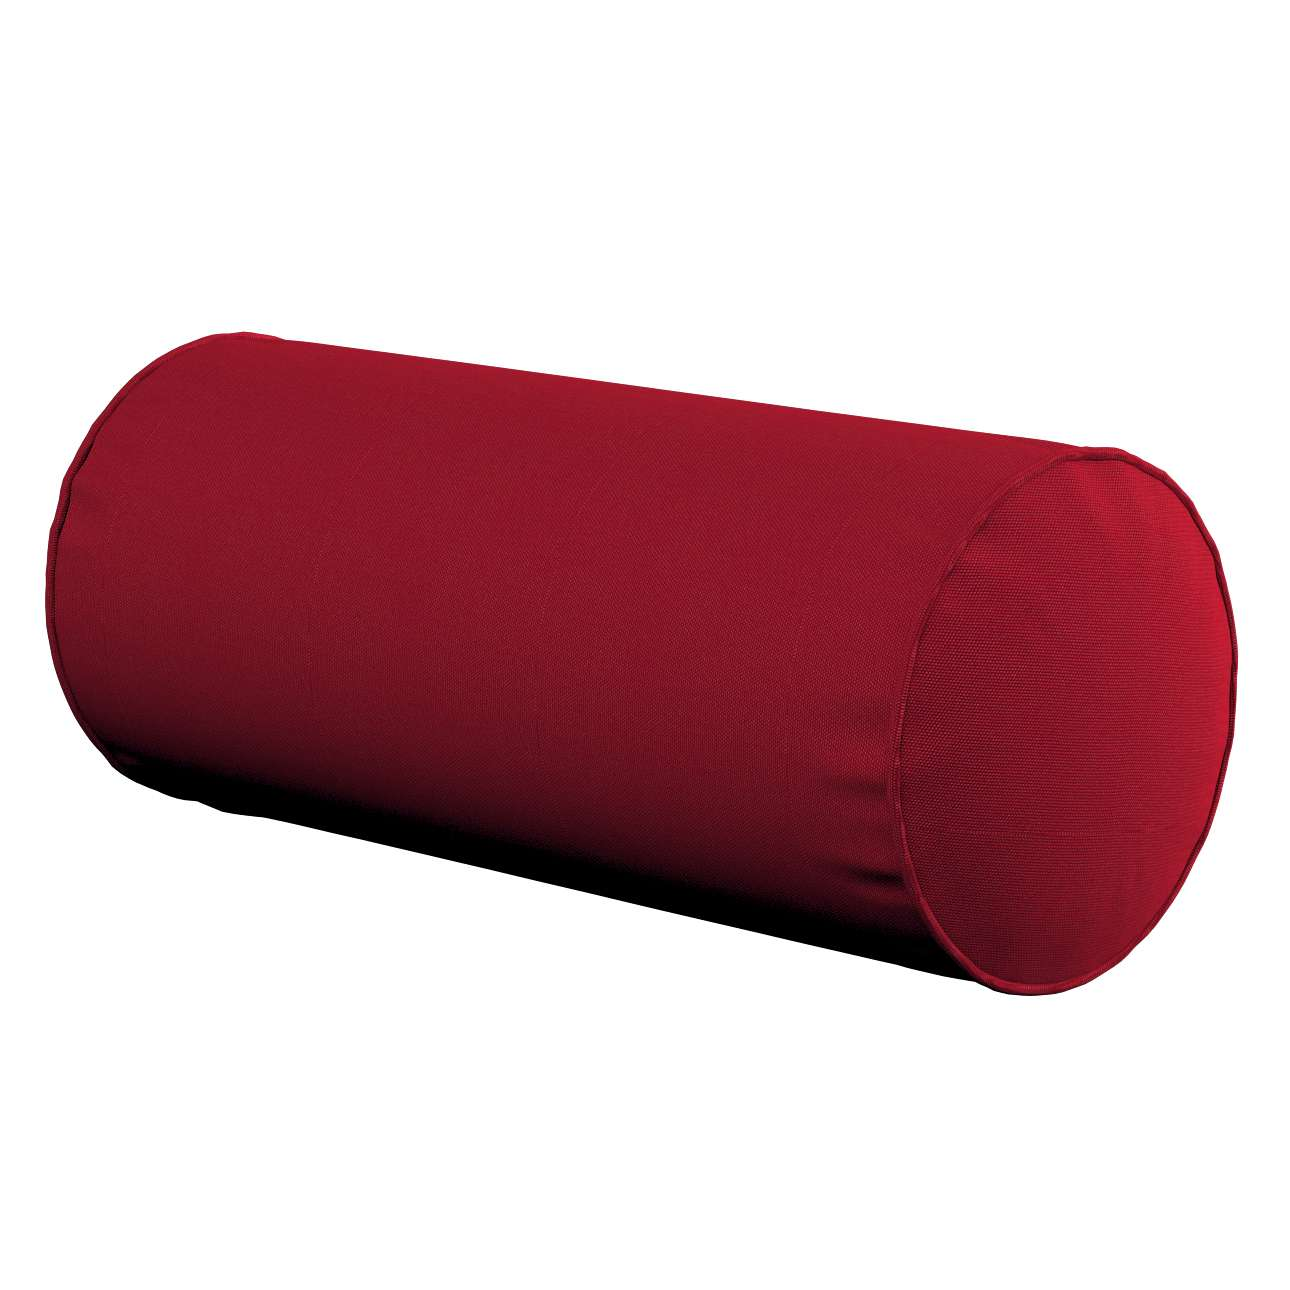 Ritinio formos  pagalvėlė Ø 16 x 40 cm (6 x 16 inch) kolekcijoje Etna , audinys: 705-60